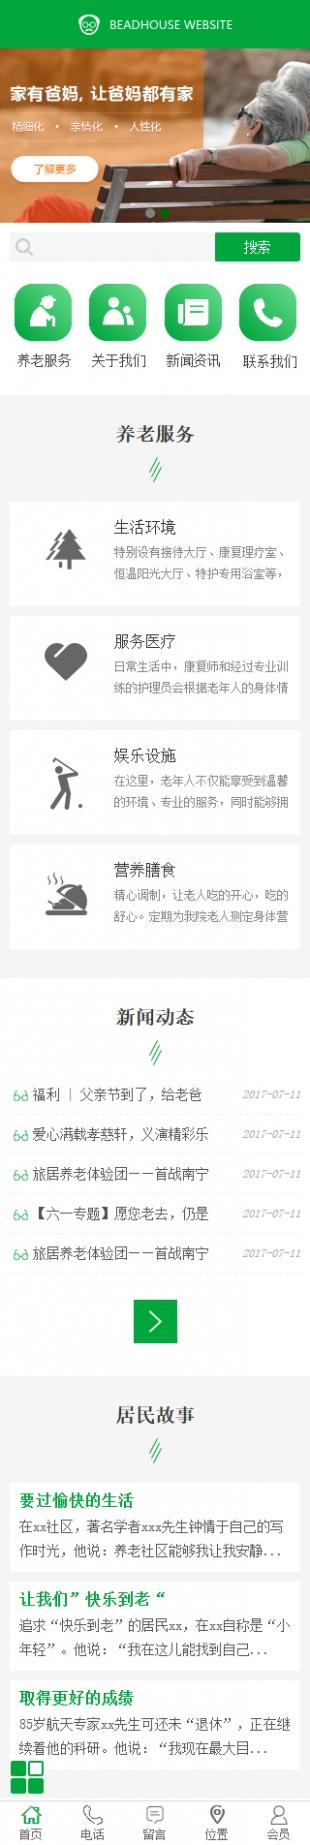 养老服务类网站制作模板手机图片